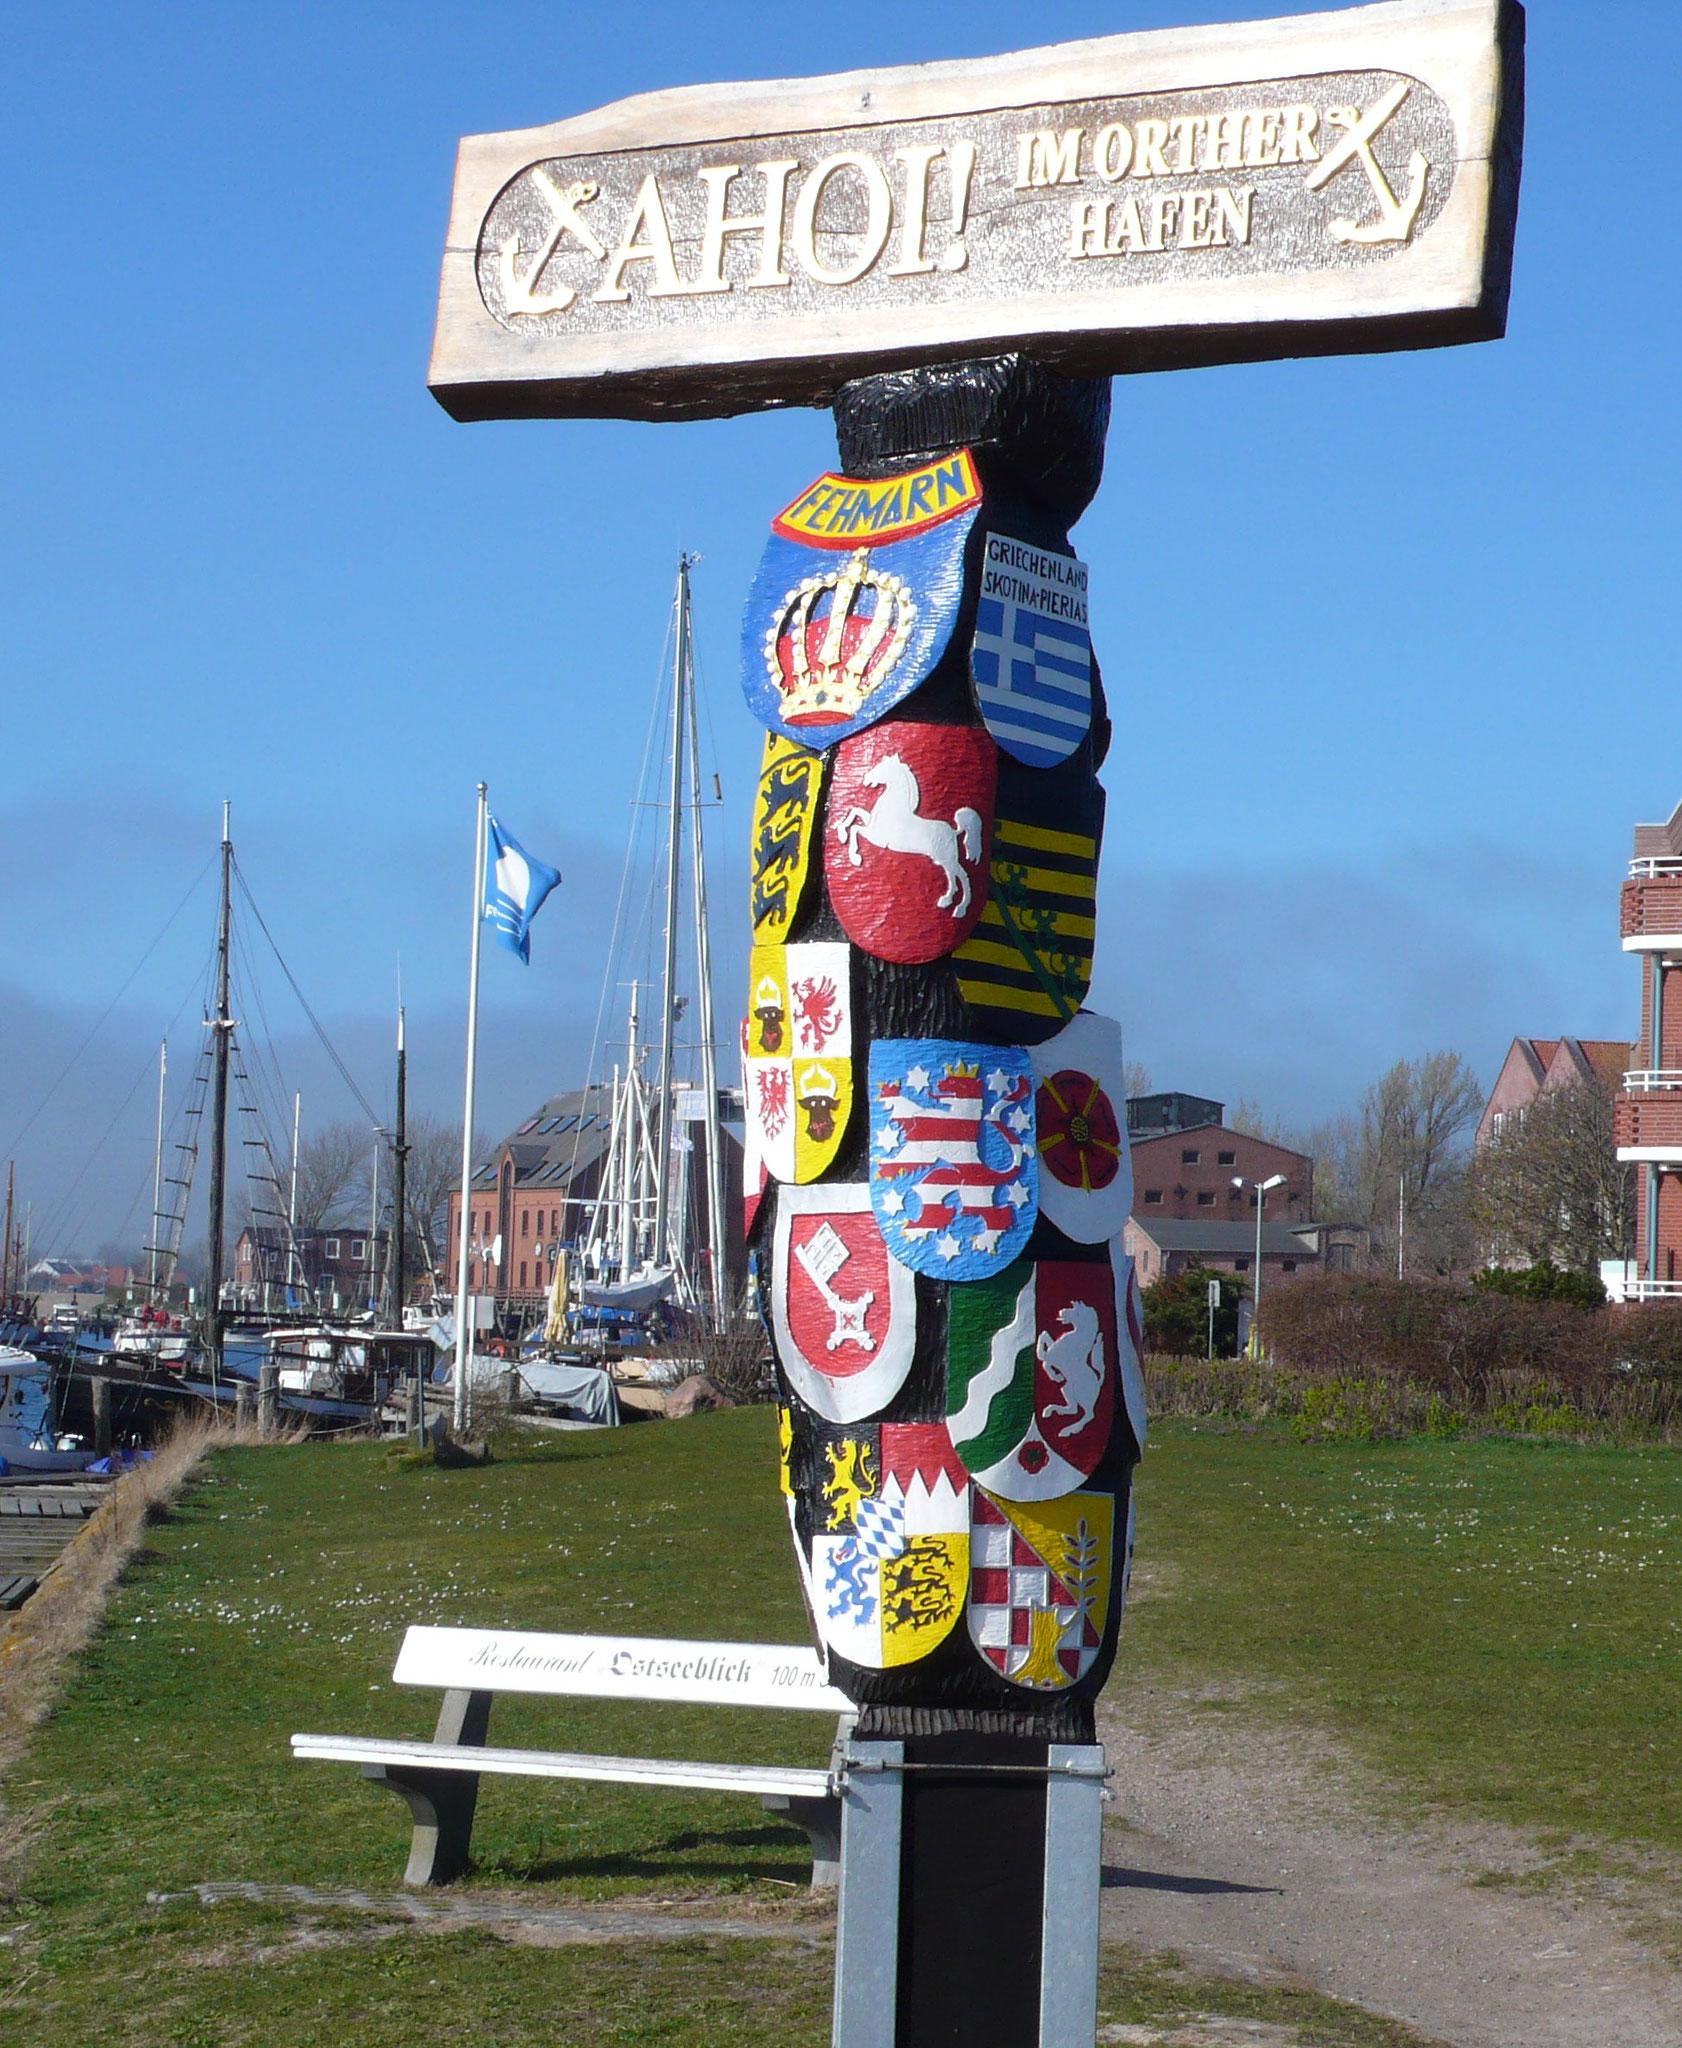 Willkommen im Hafen Orth auf Fehmarn, Mast mit Bundesländern